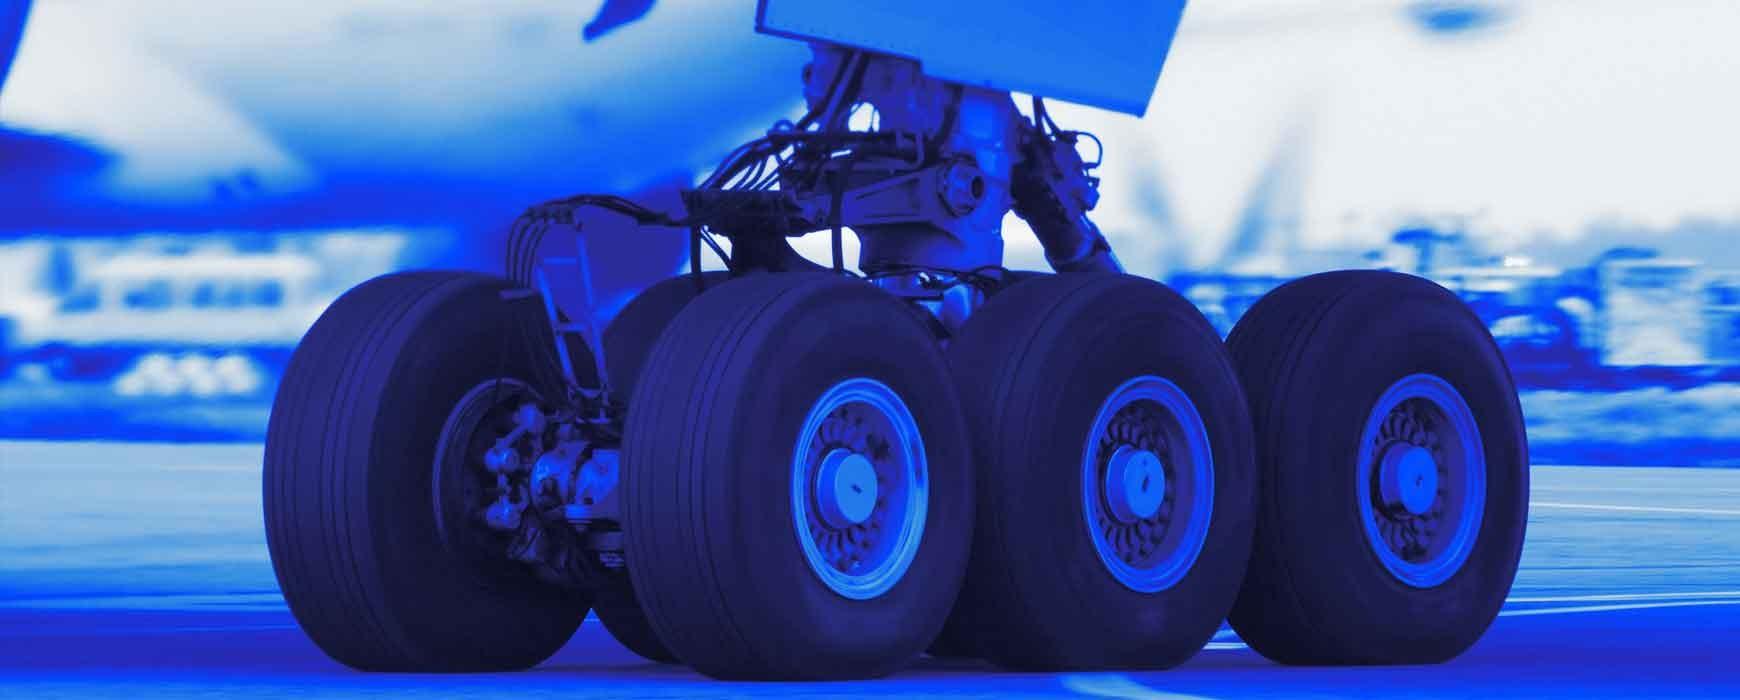 Landing Page o Página de Aterrizaje: Comercio Online